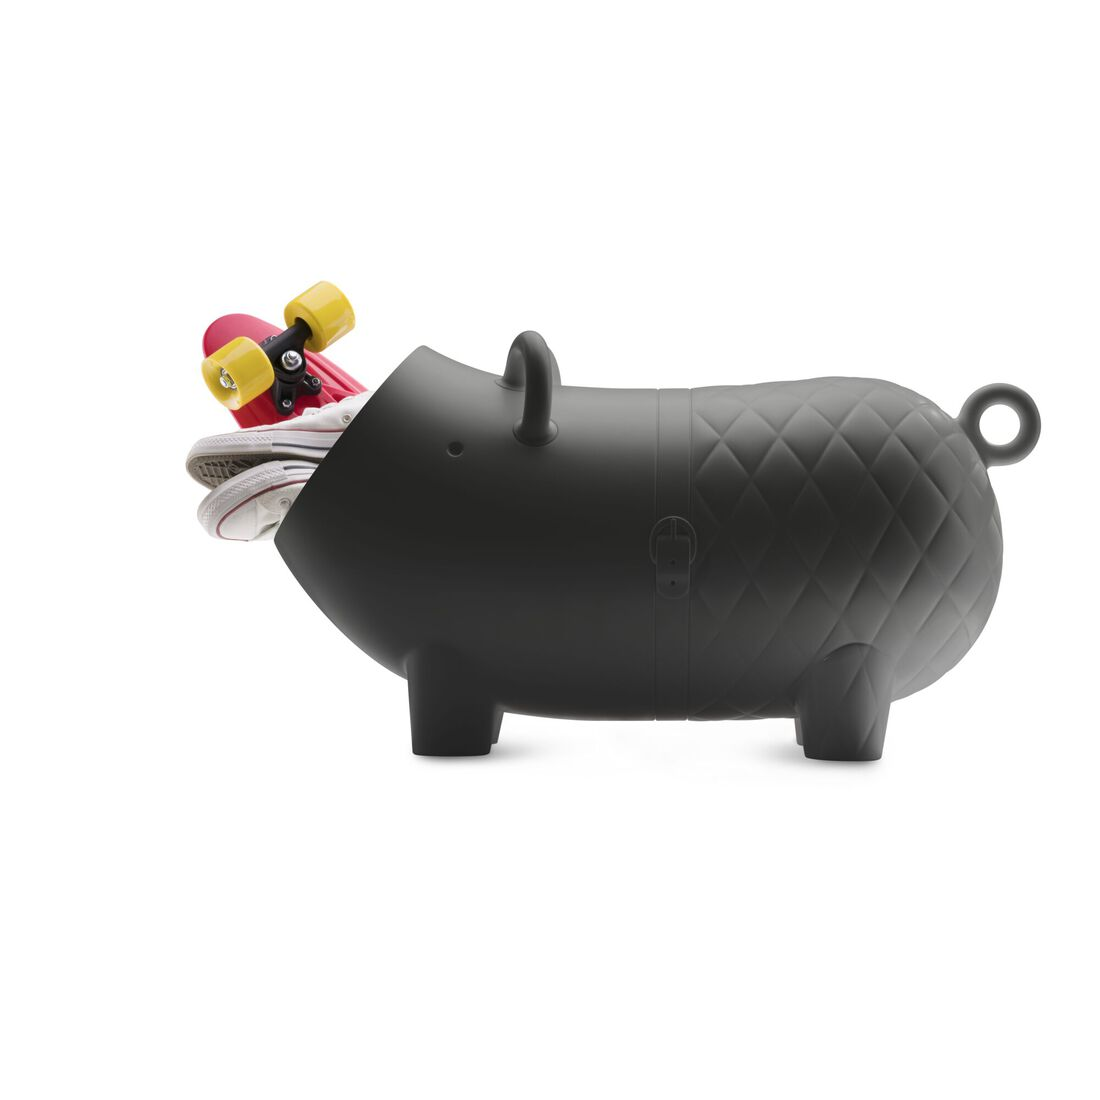 CYBEX Hausschwein - Black in Black large Bild 3